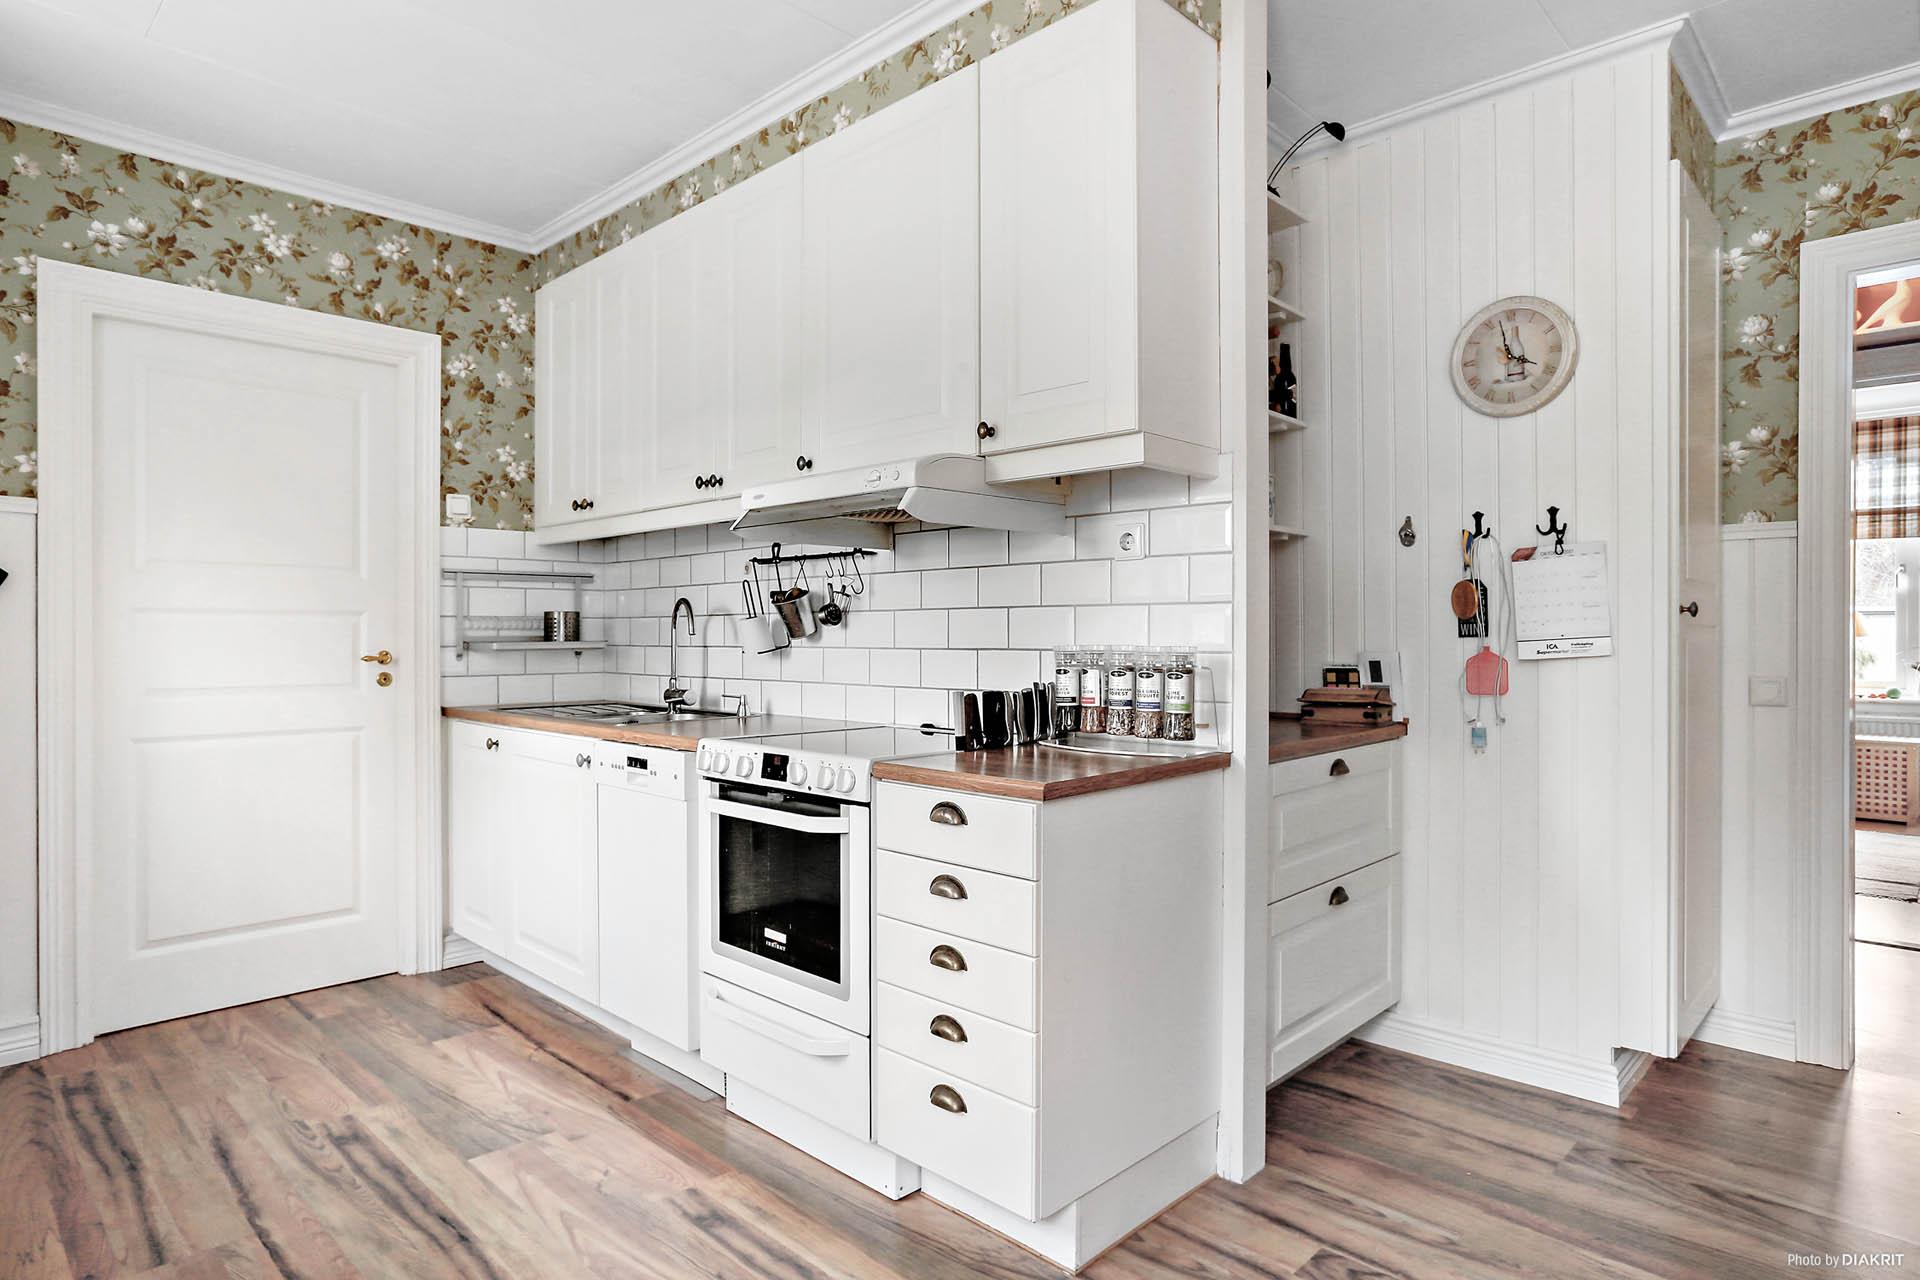 Lägenhet 1: Kök i lantlig stil